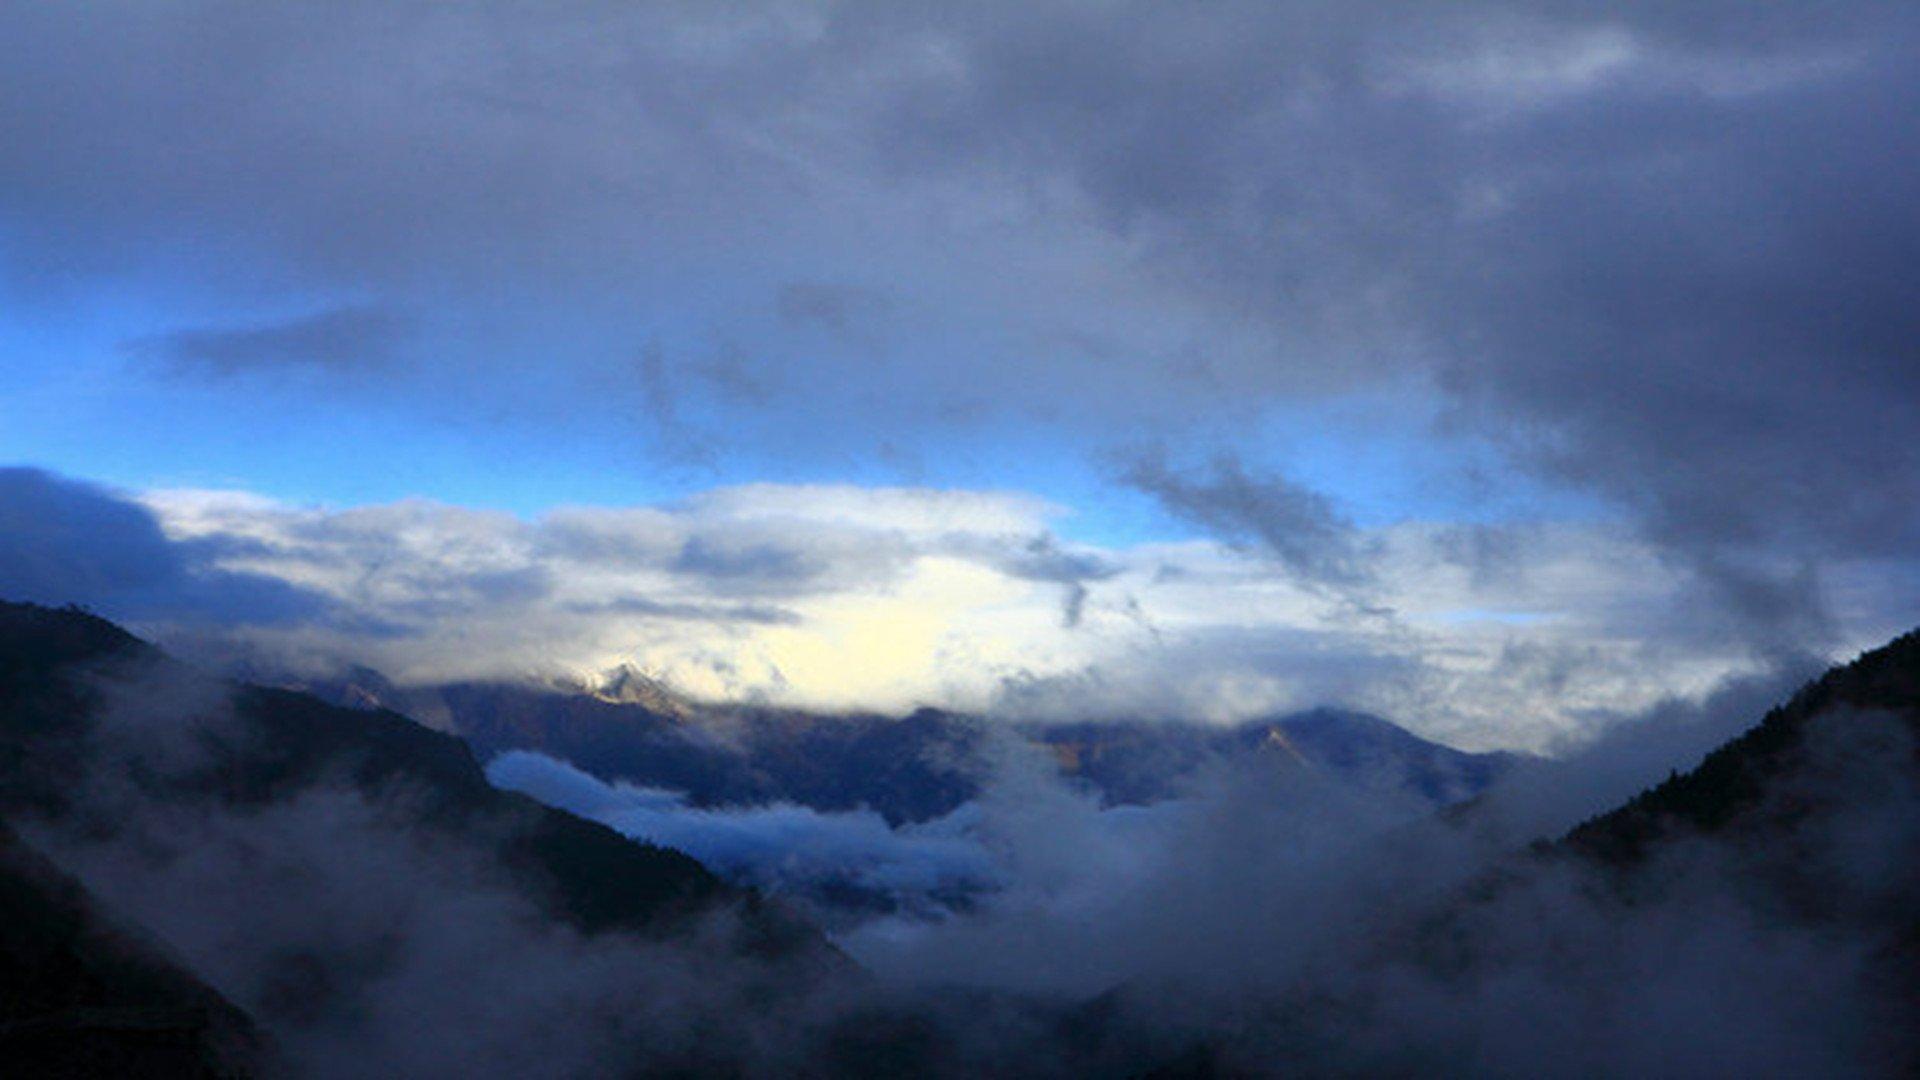 玉龙雪山,茶马古道,泸沽湖,云南--大理十日游_丽攻略建桥游戏的物理图片